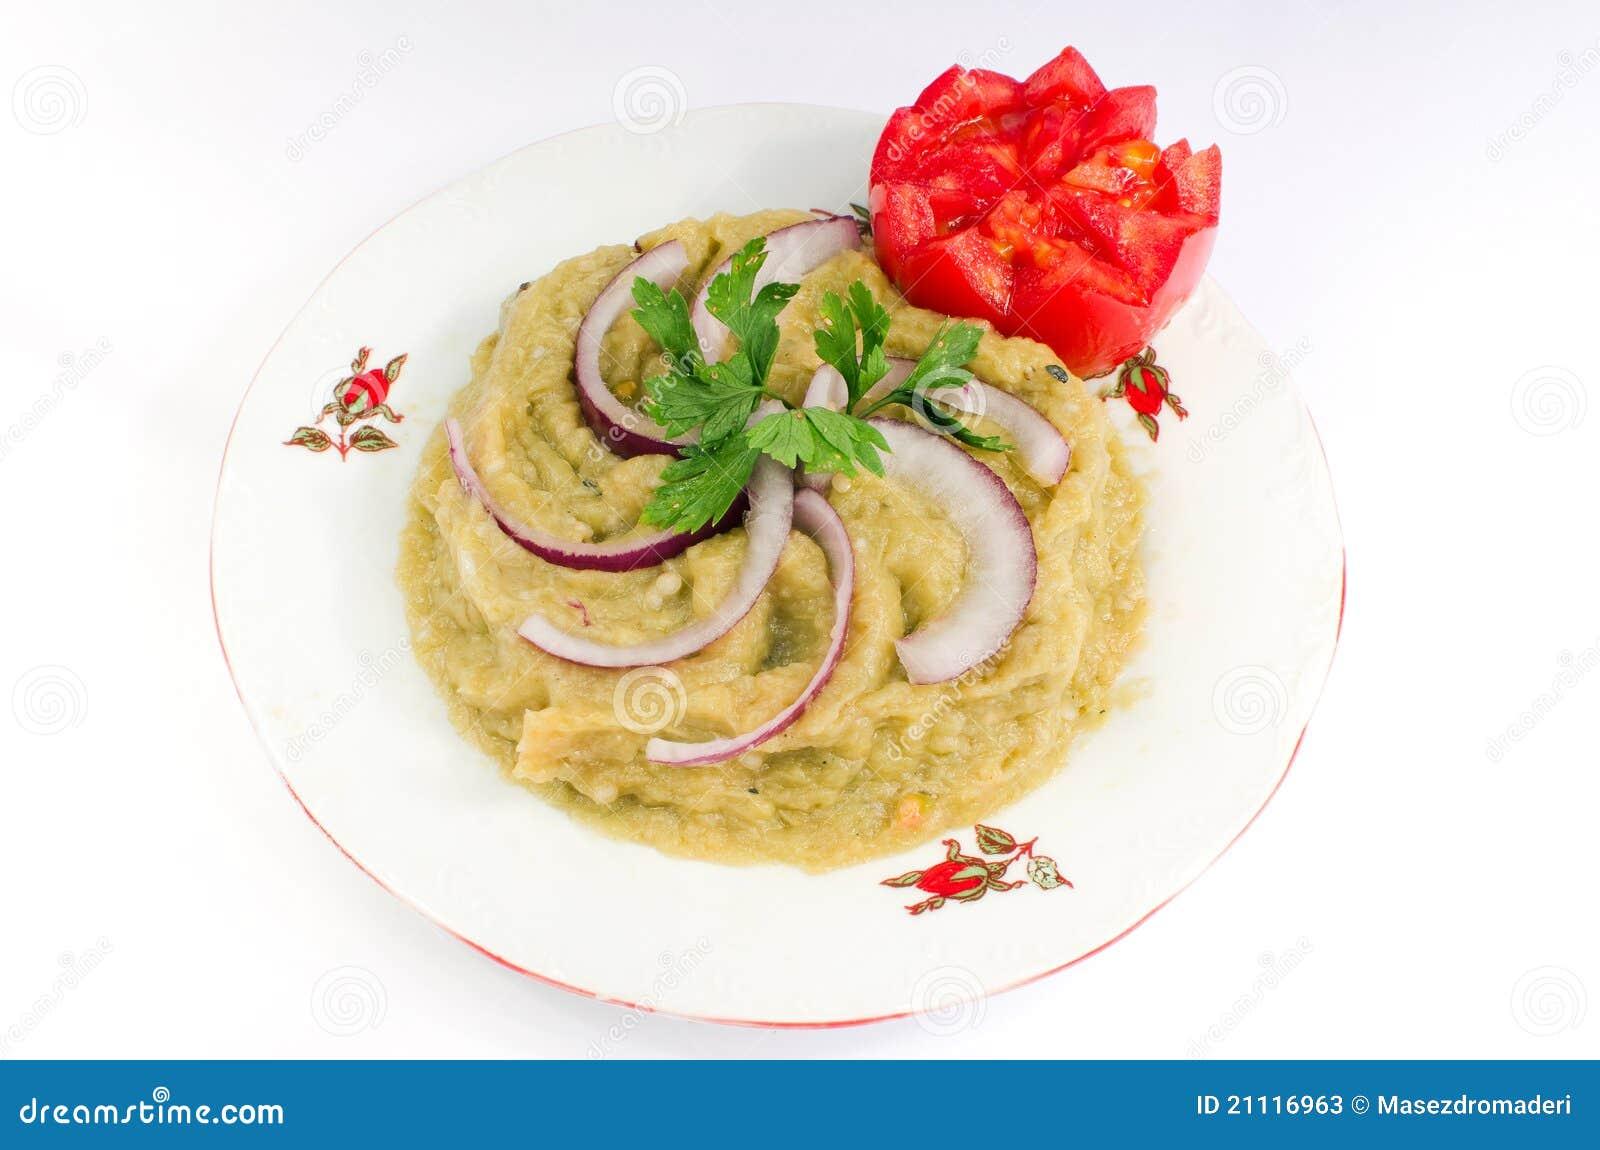 Salade d 39 aubergine cuisine roumaine image stock image for Aubergine cuisine